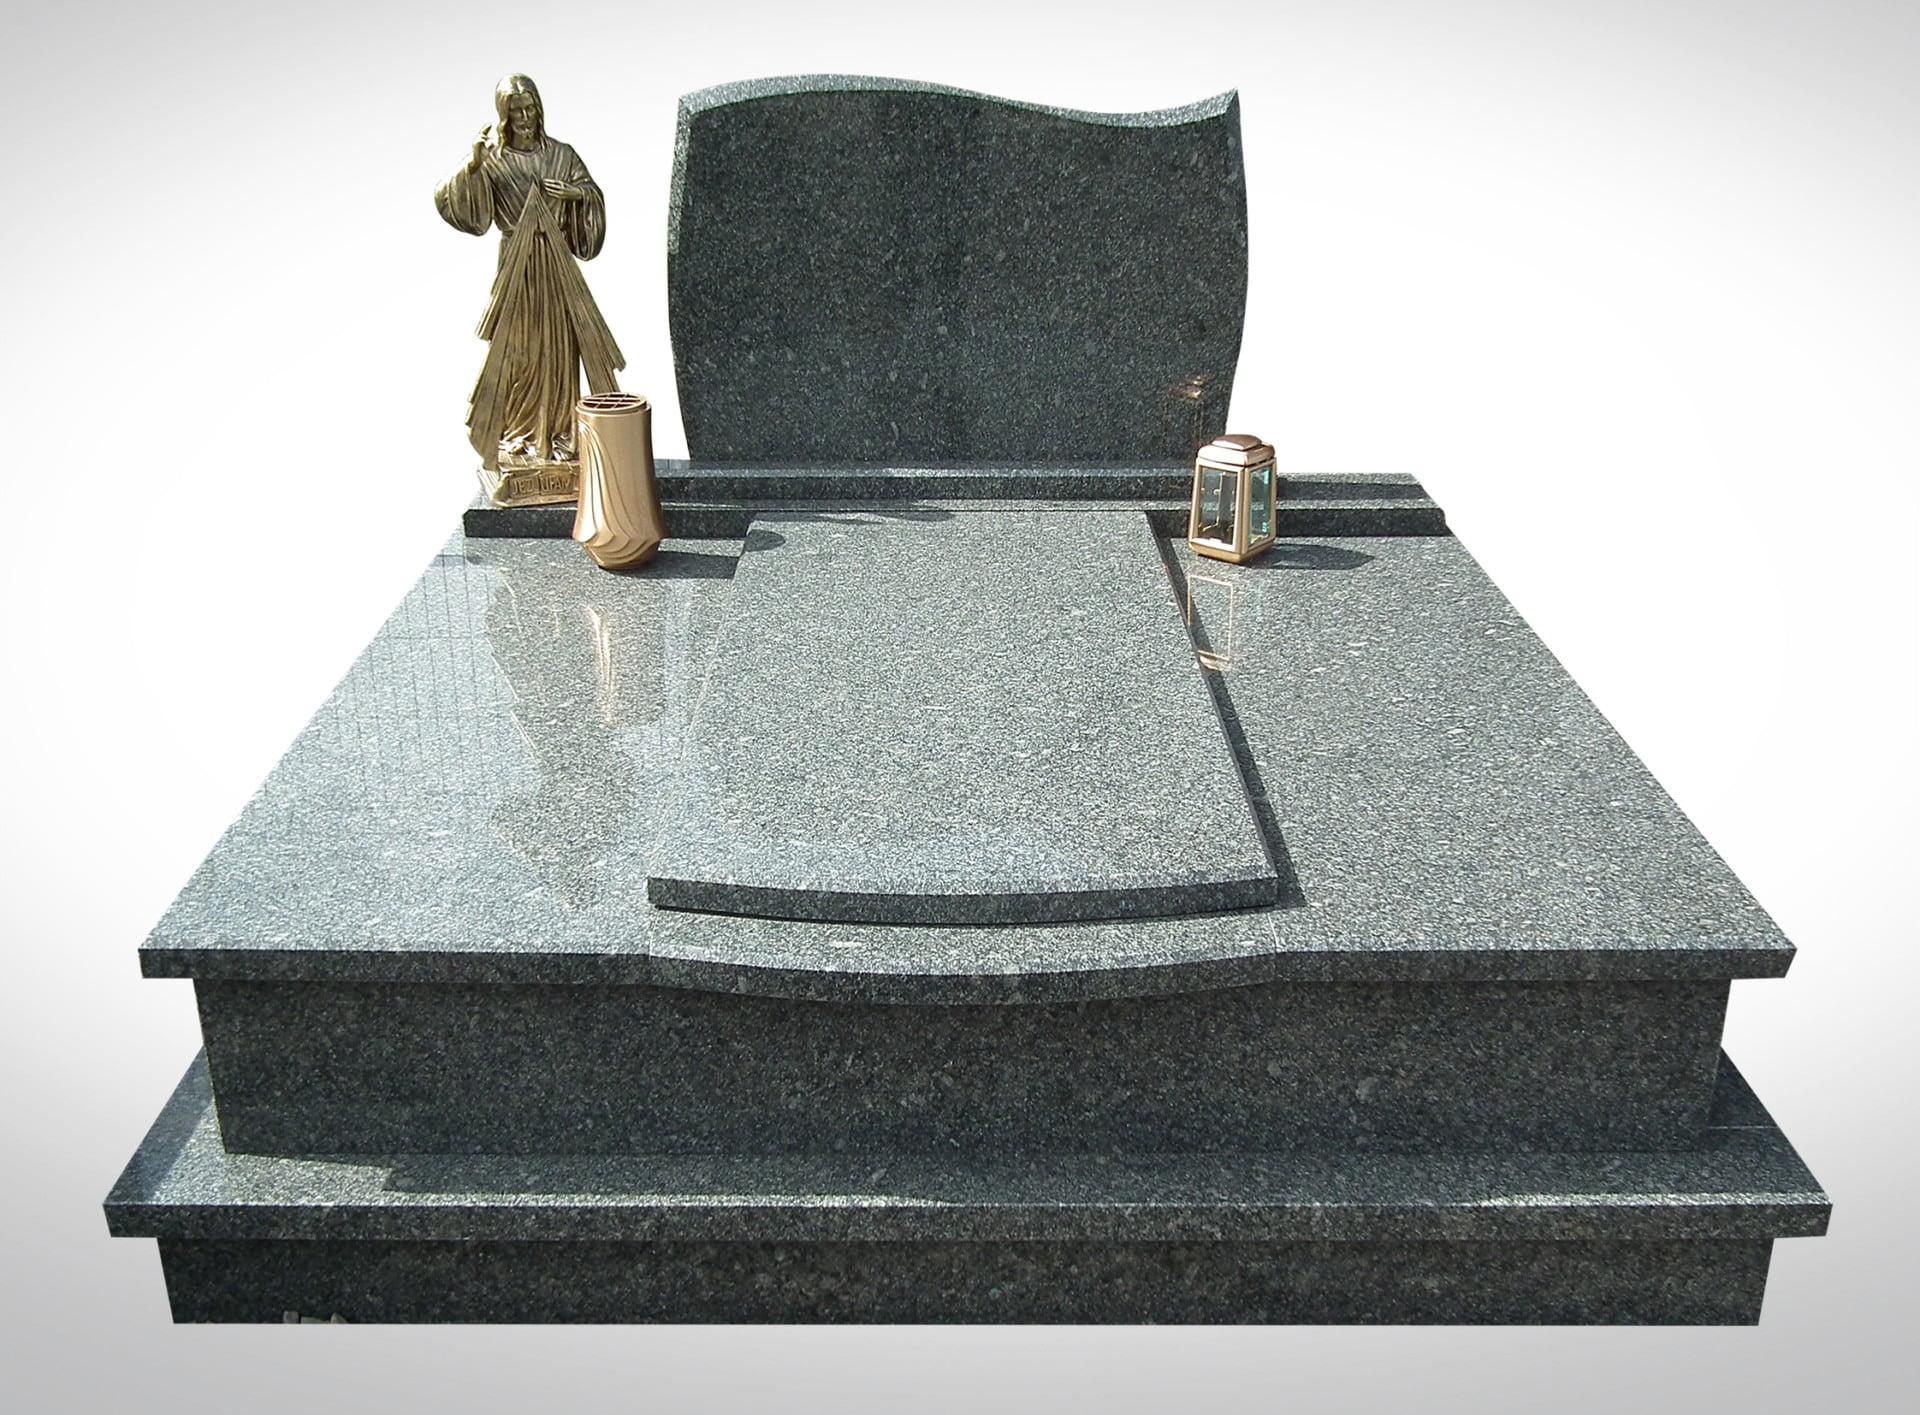 Podwójny marmurowy nagrobek ze złotym Jezusem donicą i lampionem - Nagrobki Bielsko-Biała